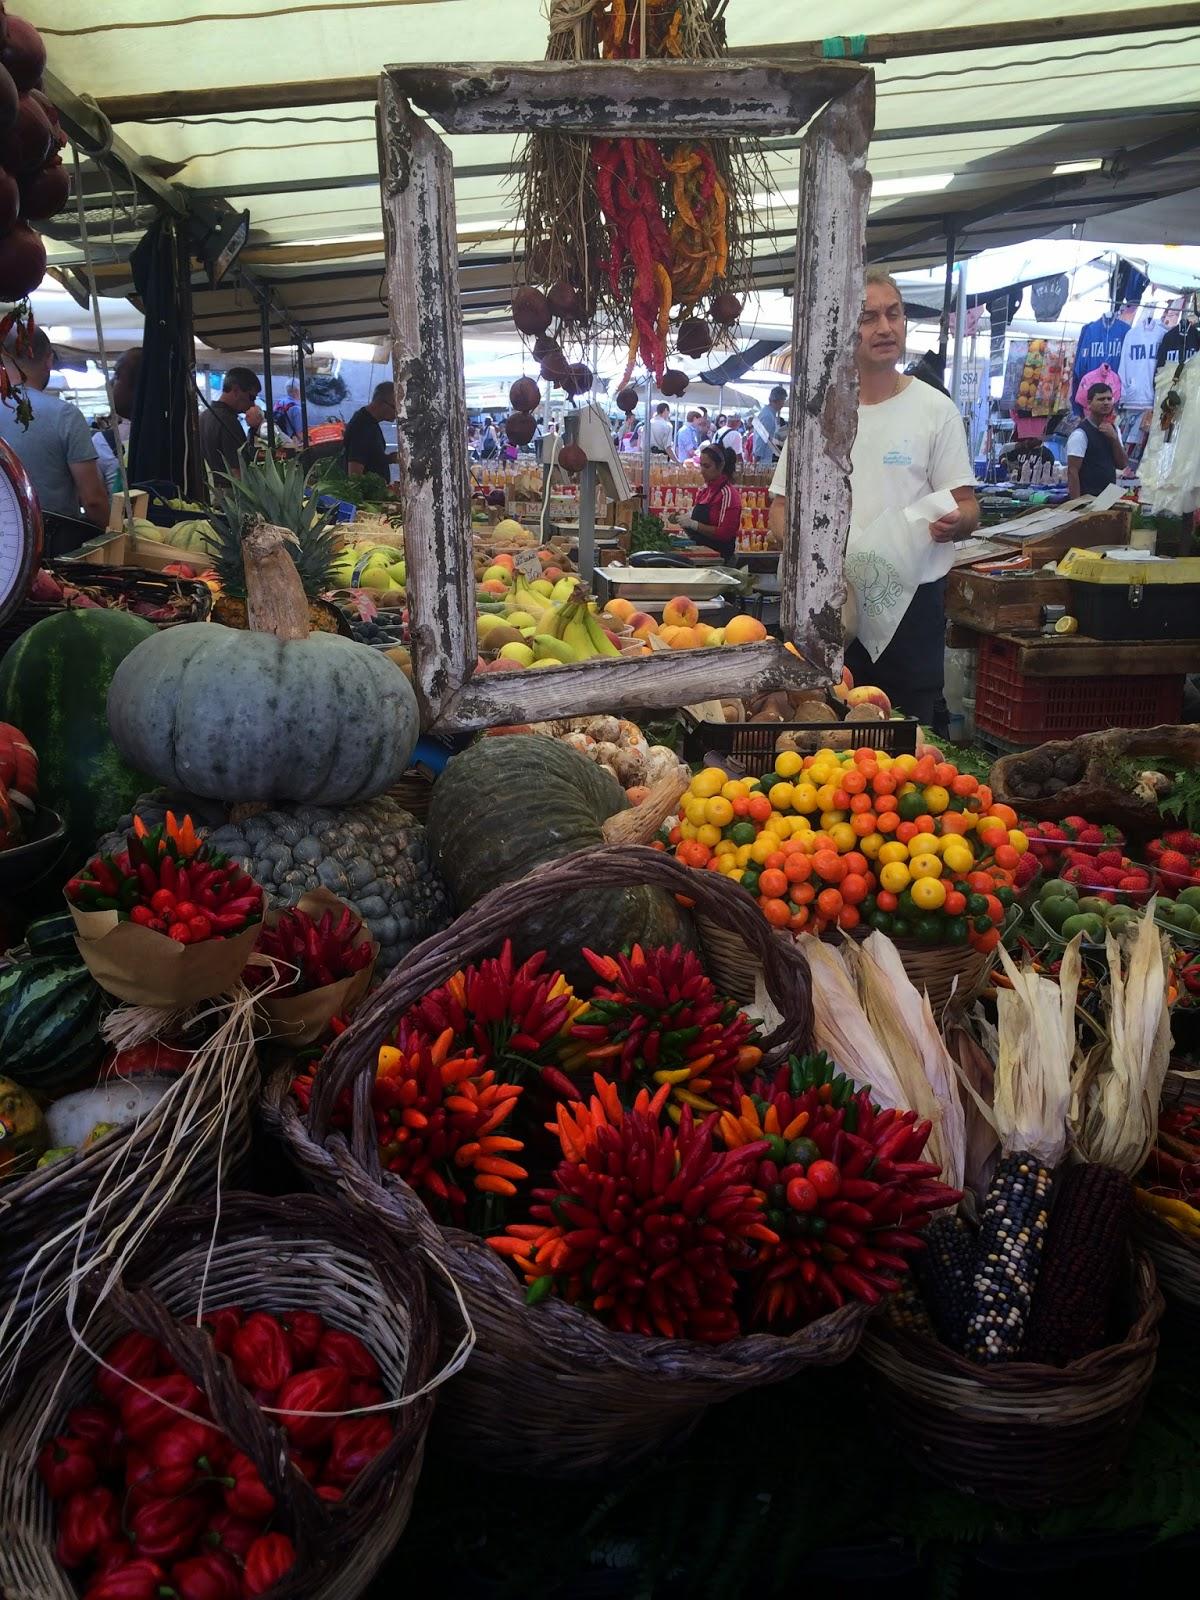 5-Things-I-Adore-About-Rome-Campo-Di-Fiori-Market